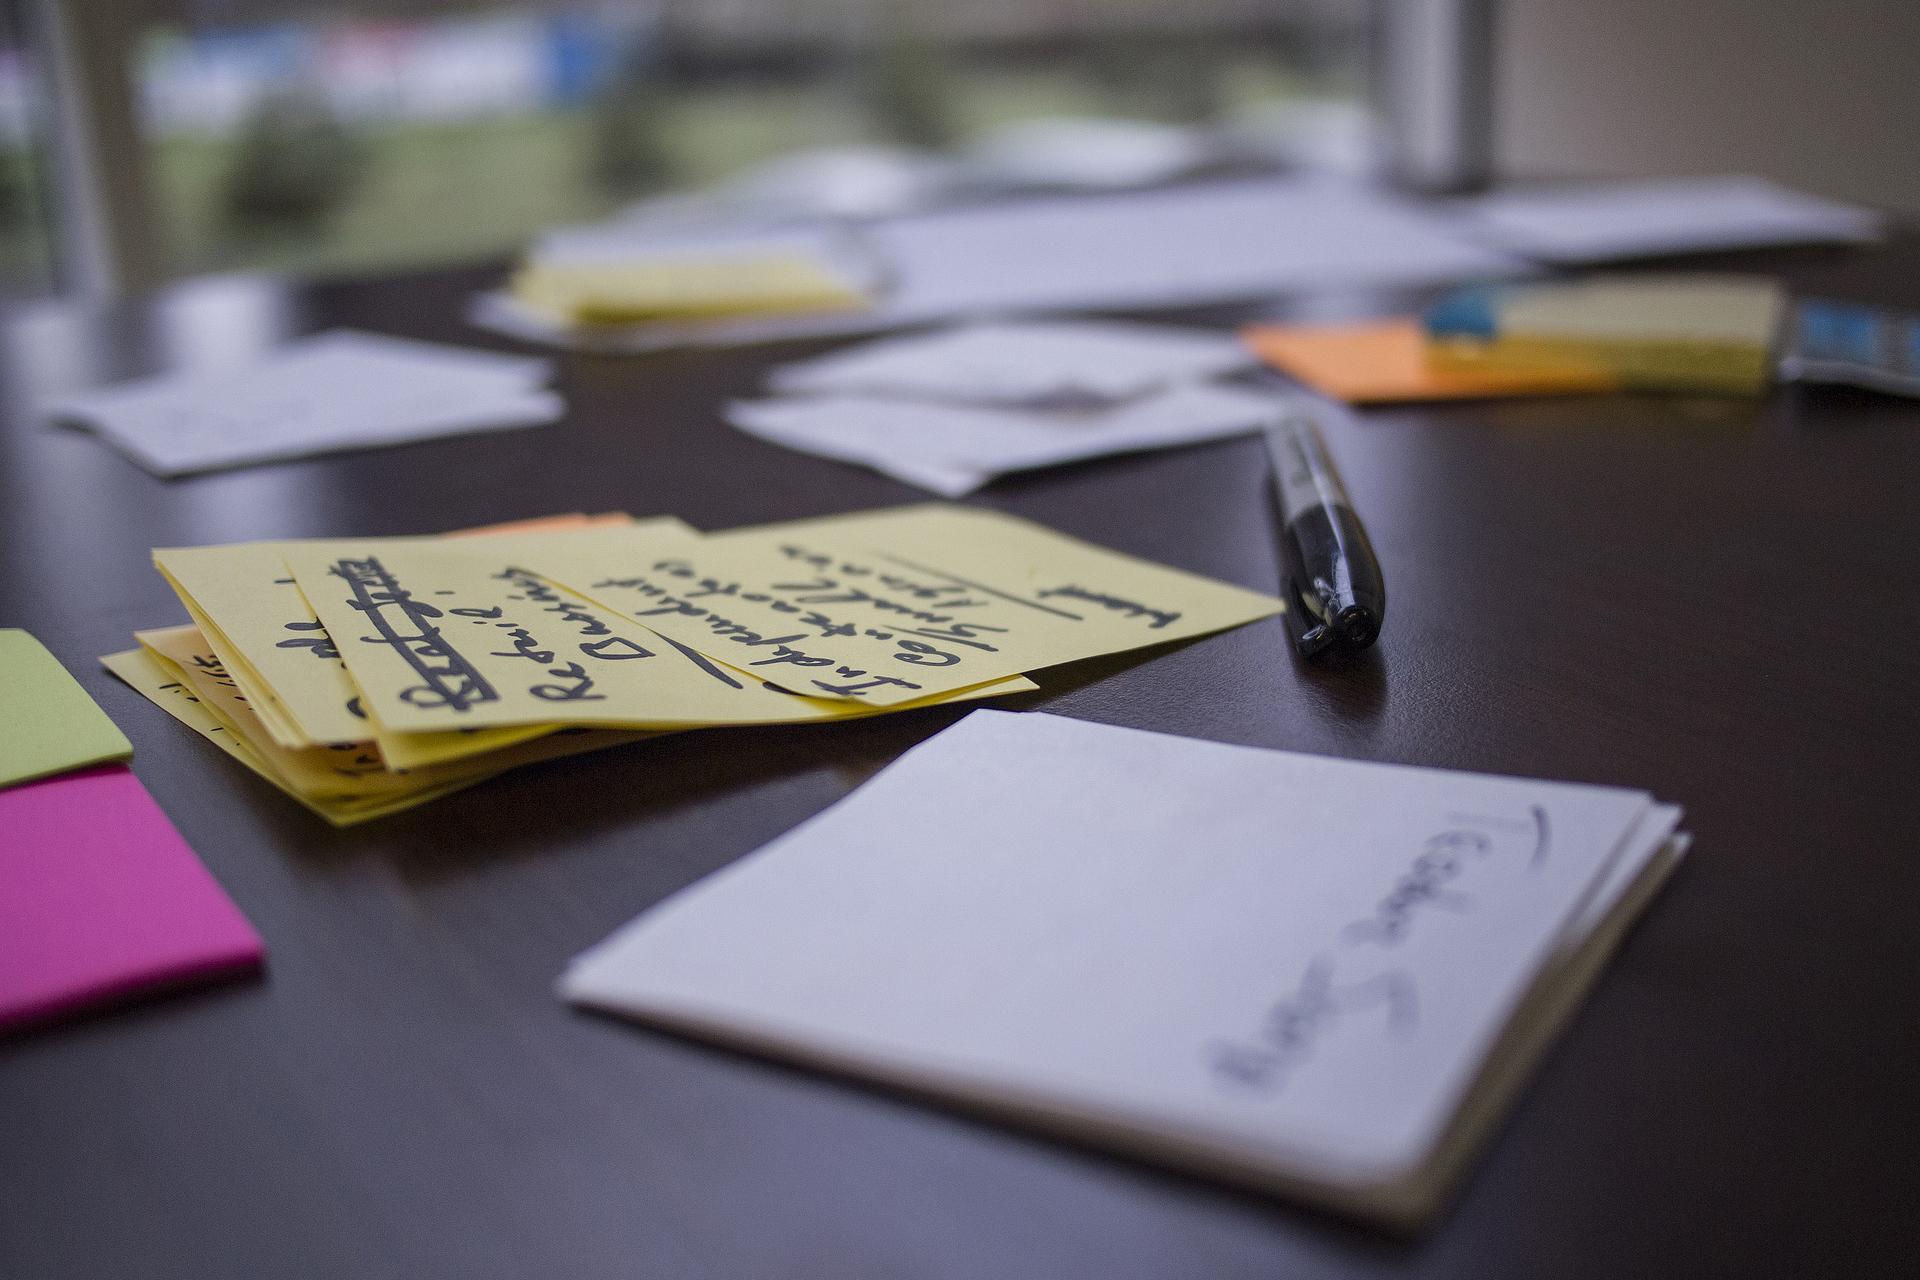 V12 - Workshop Design Thinking